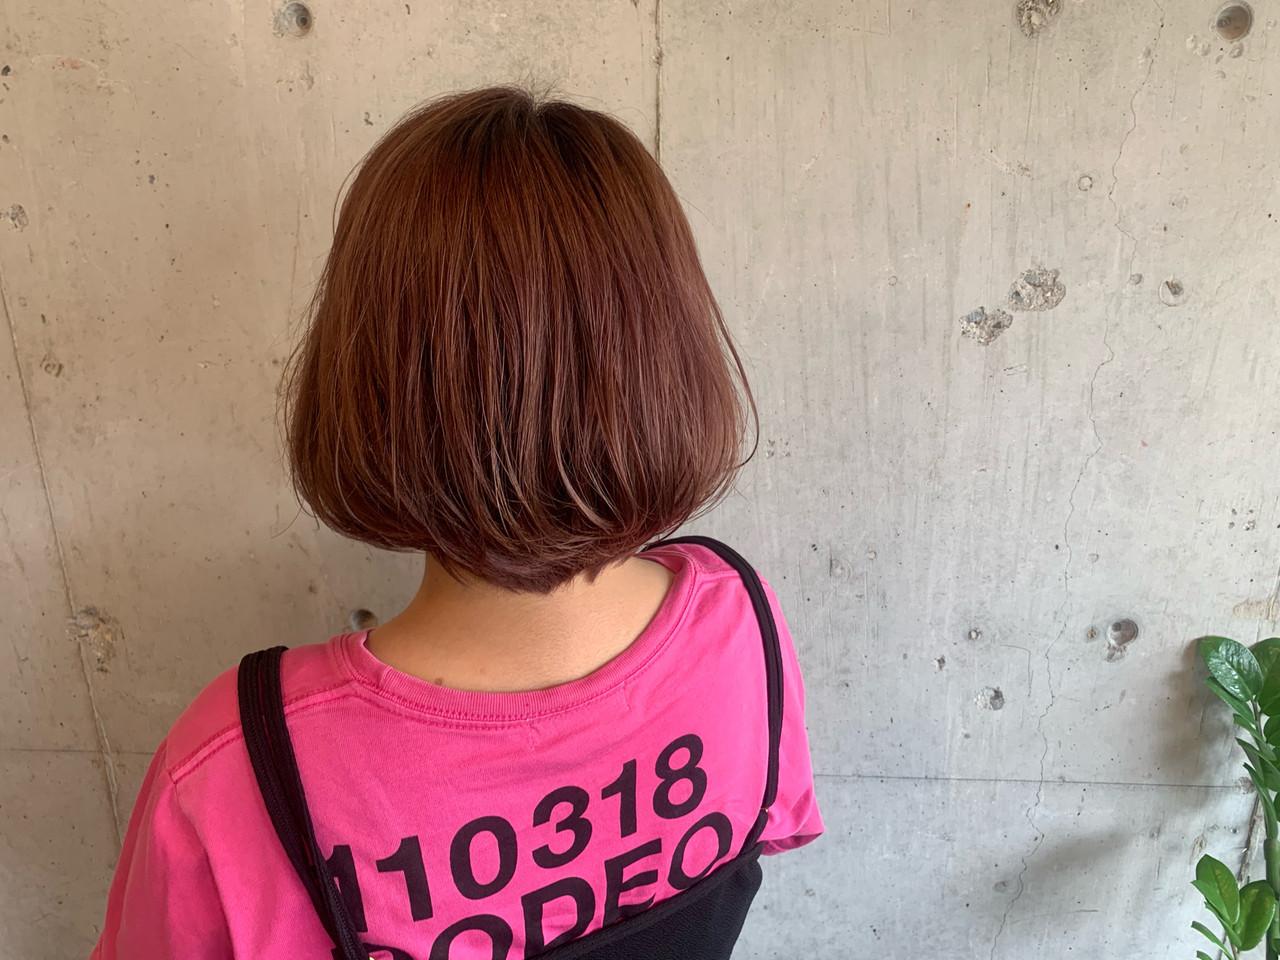 ストリート スポーツ N.オイル 簡単ヘアアレンジ ヘアスタイルや髪型の写真・画像